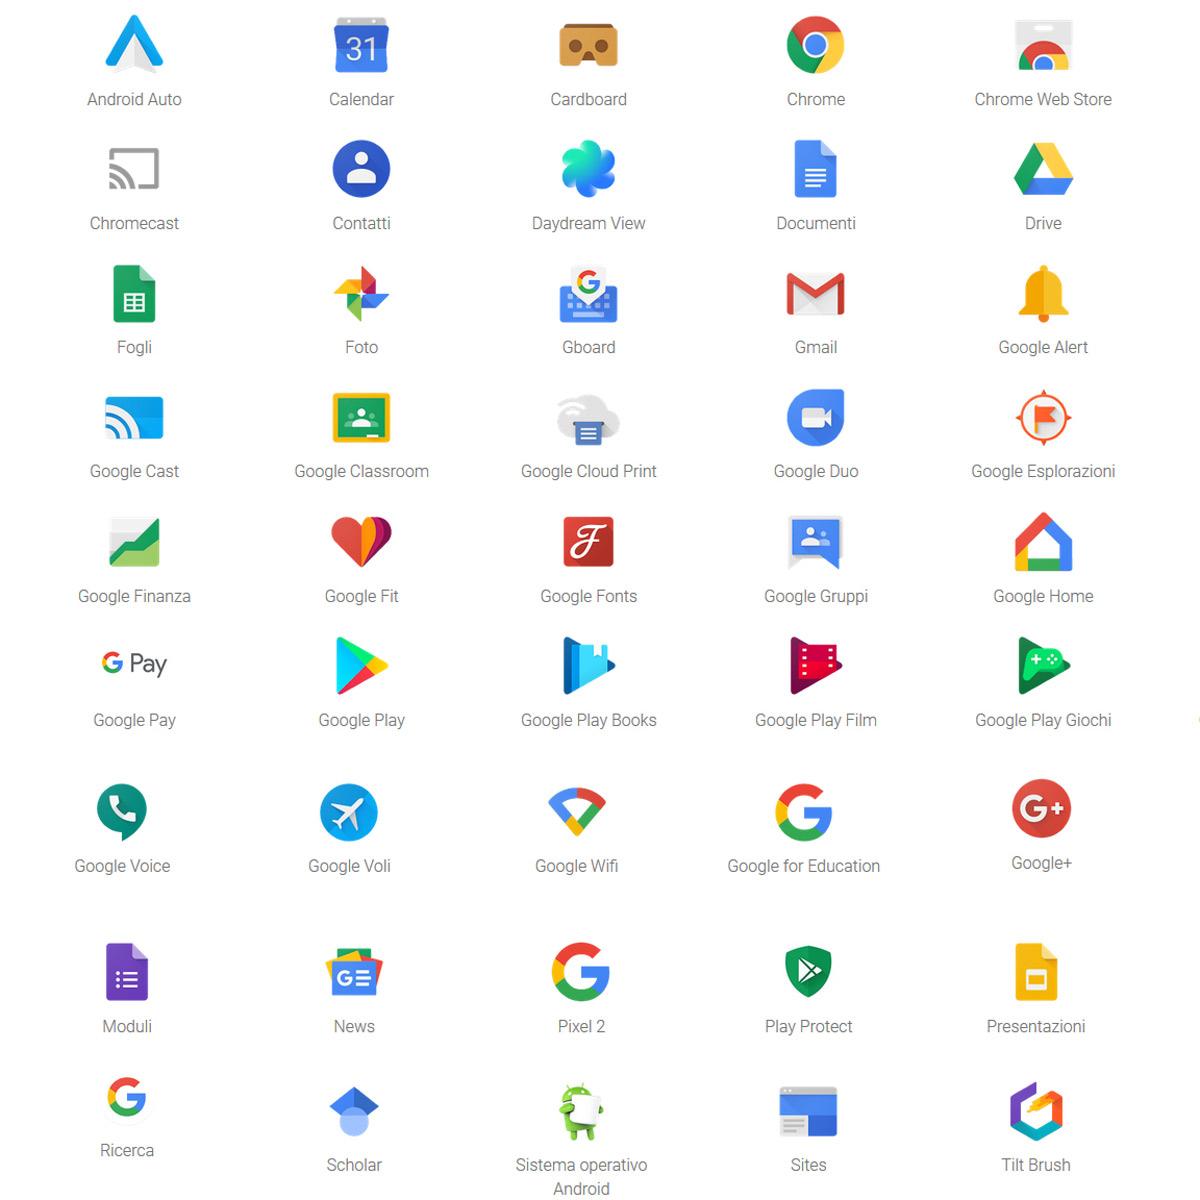 Strumenti Google gratuiti e utili